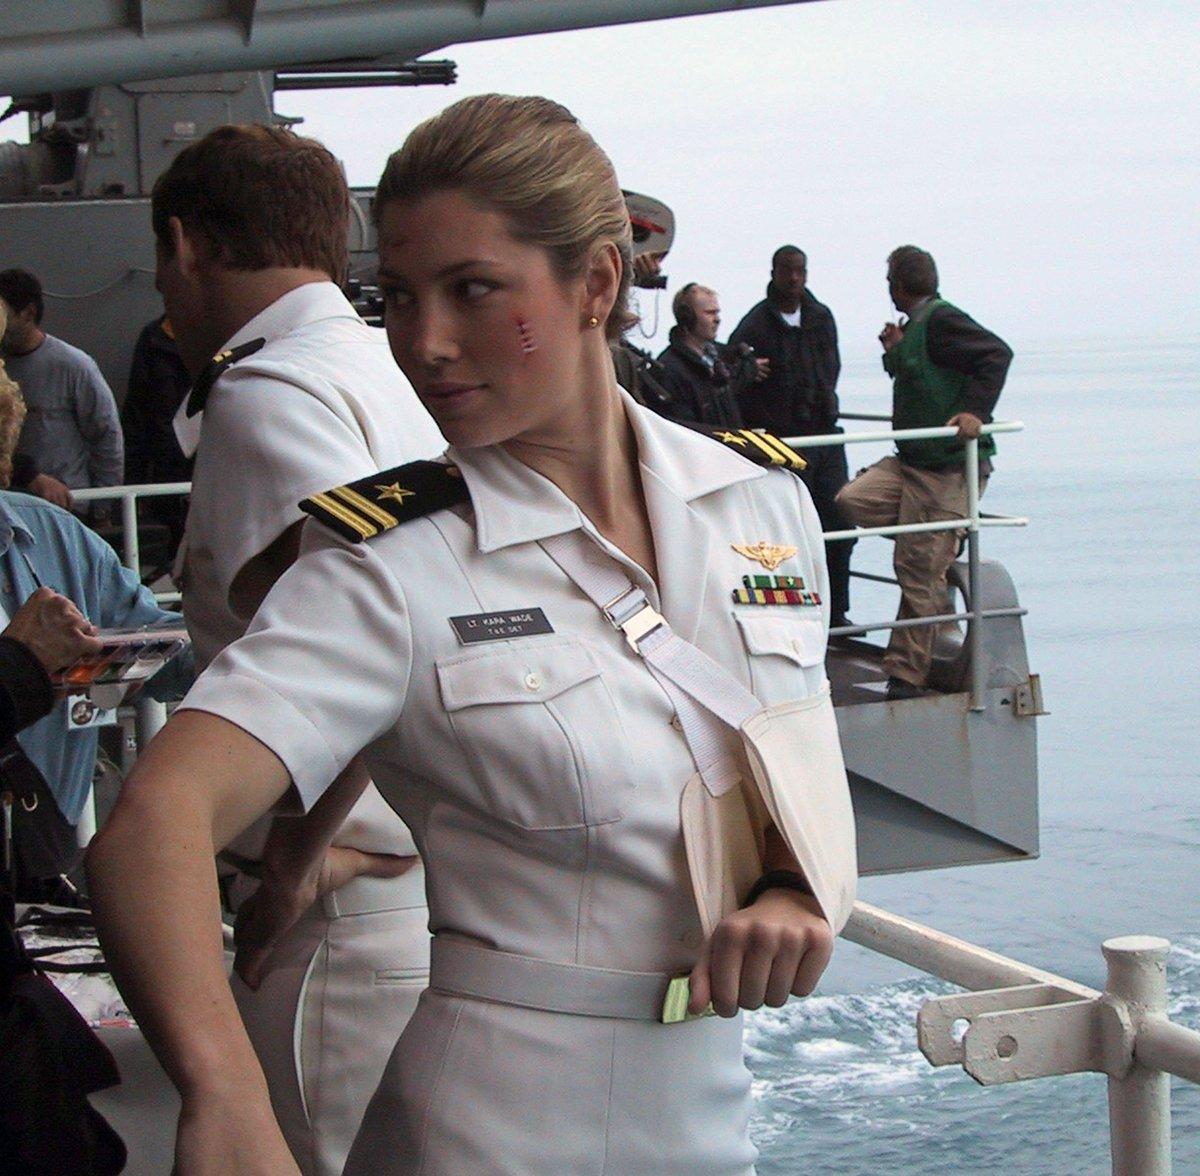 Navy lesbians